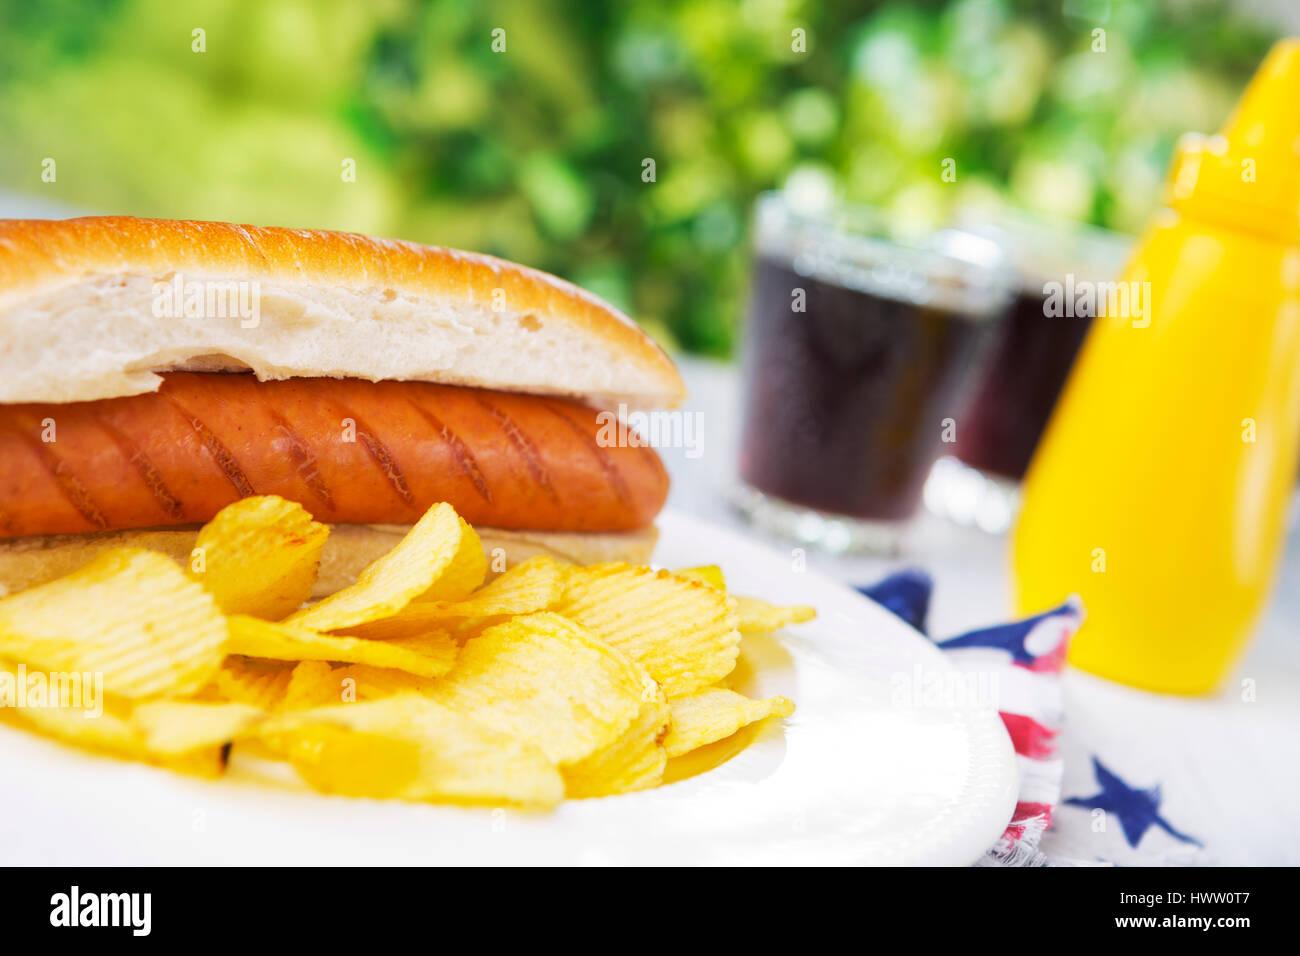 Una gustosa hot dog con patatine fritte su un tavolo esterno. Immagini Stock